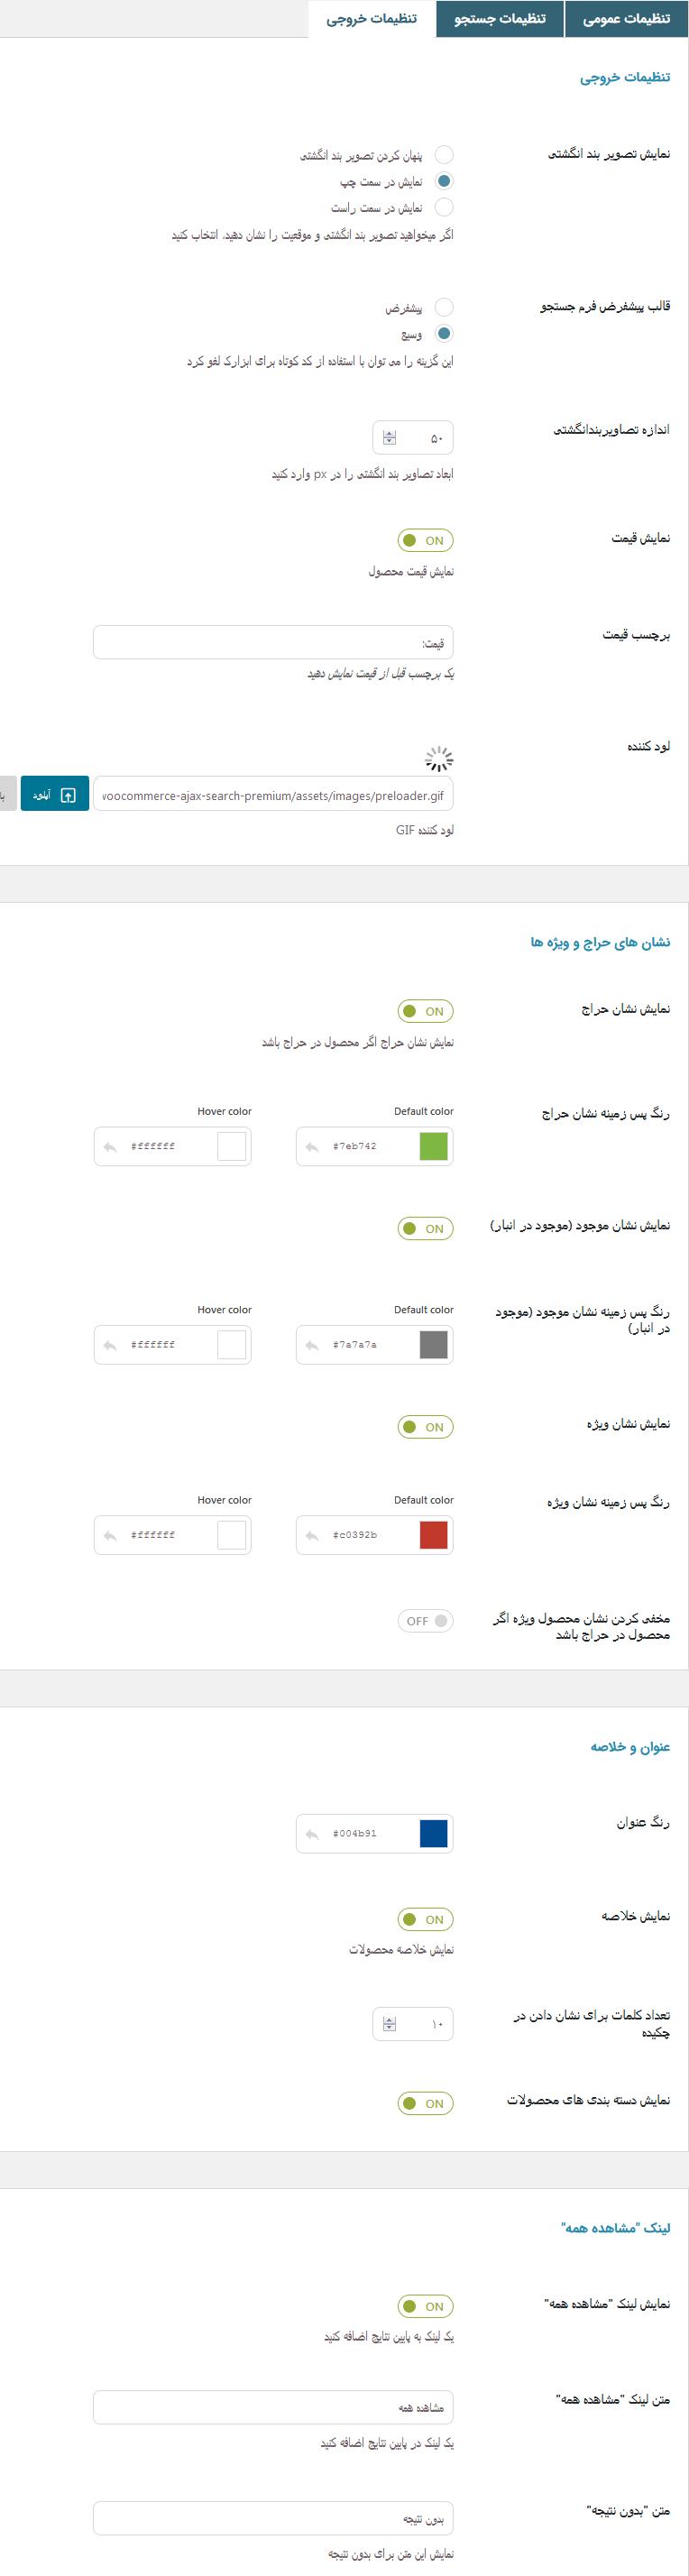 تنظیمات خروجی افزونه جستجوی ایجکس محصولات ووکامرس